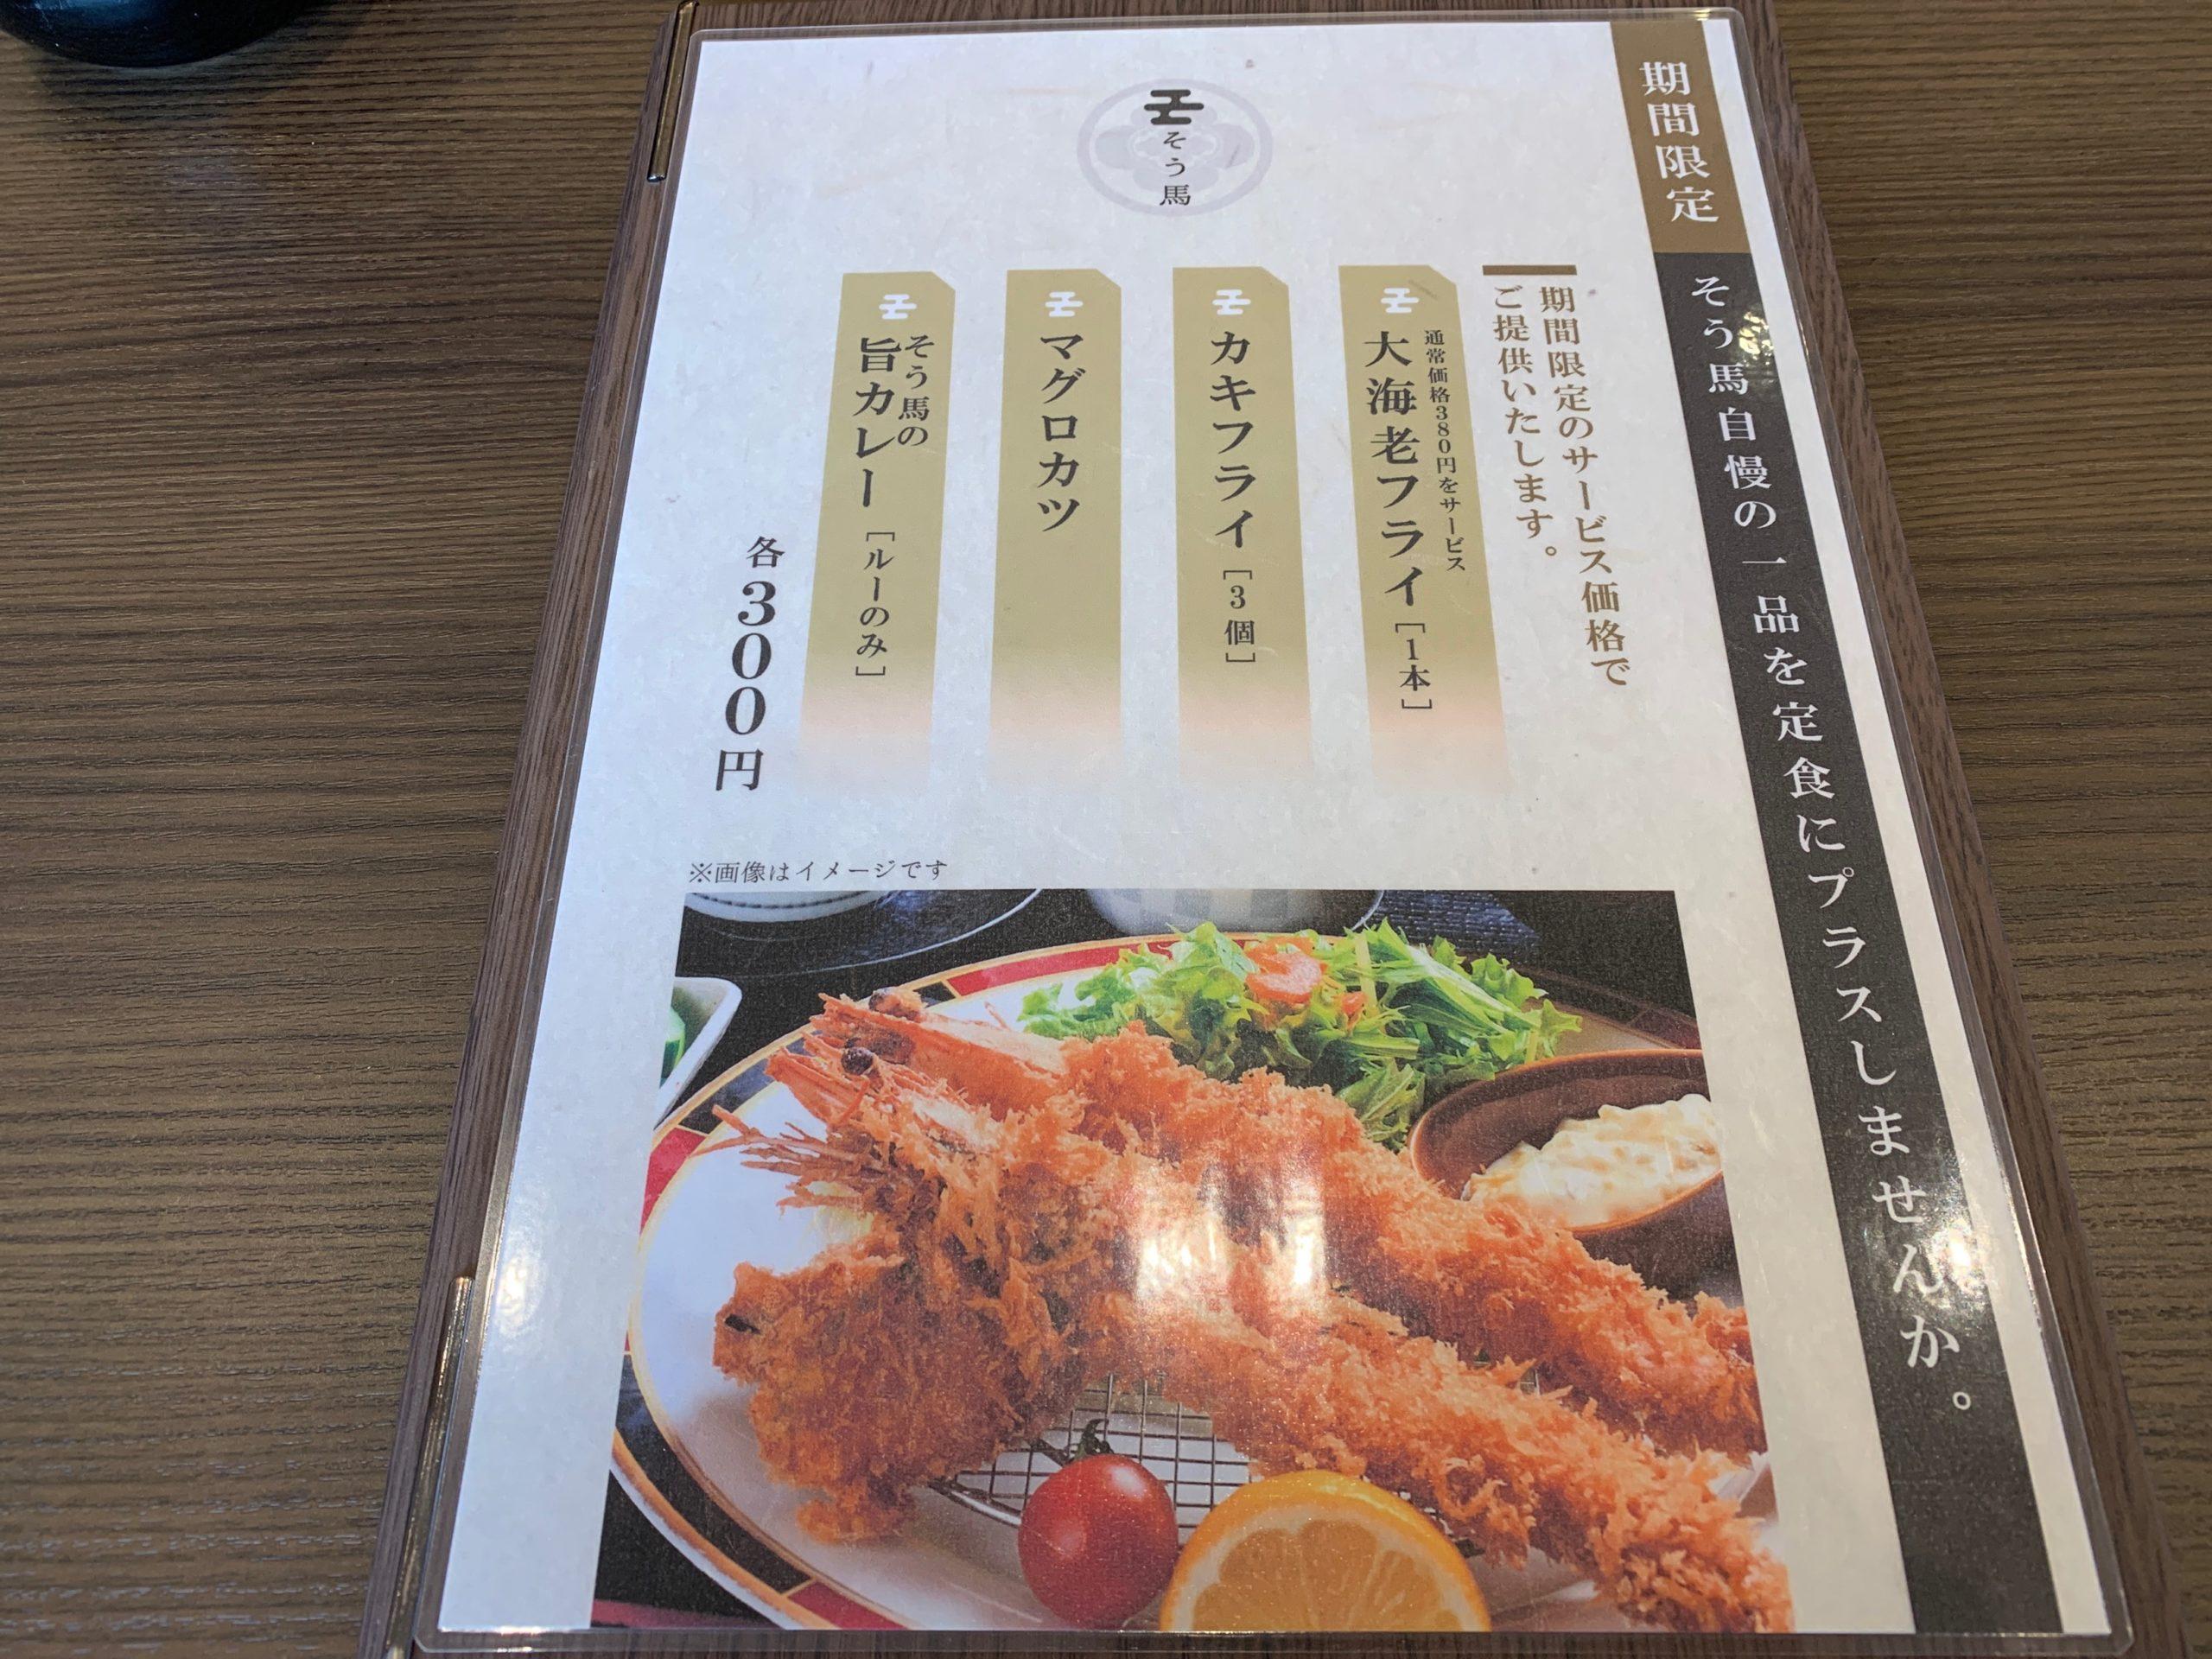 「そう馬」柳川店の期間限定メニュー